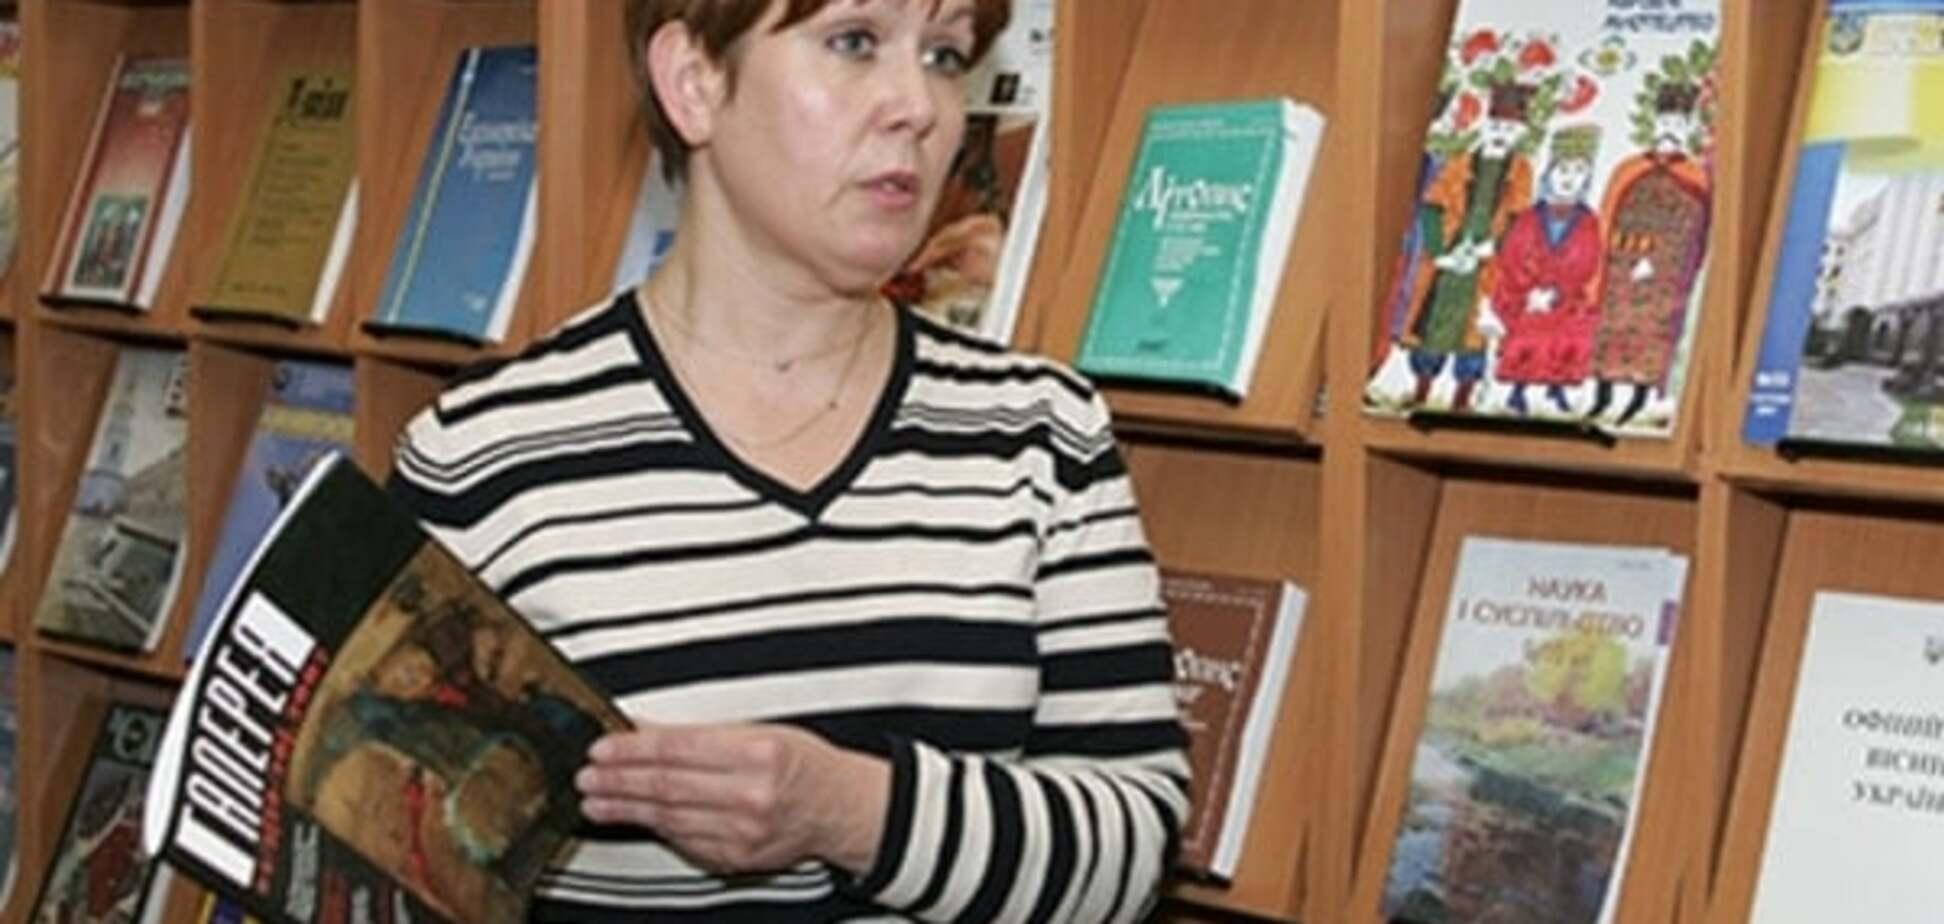 Ветренный следком: директору библиотеки украинской литературы потребовали домашний арест